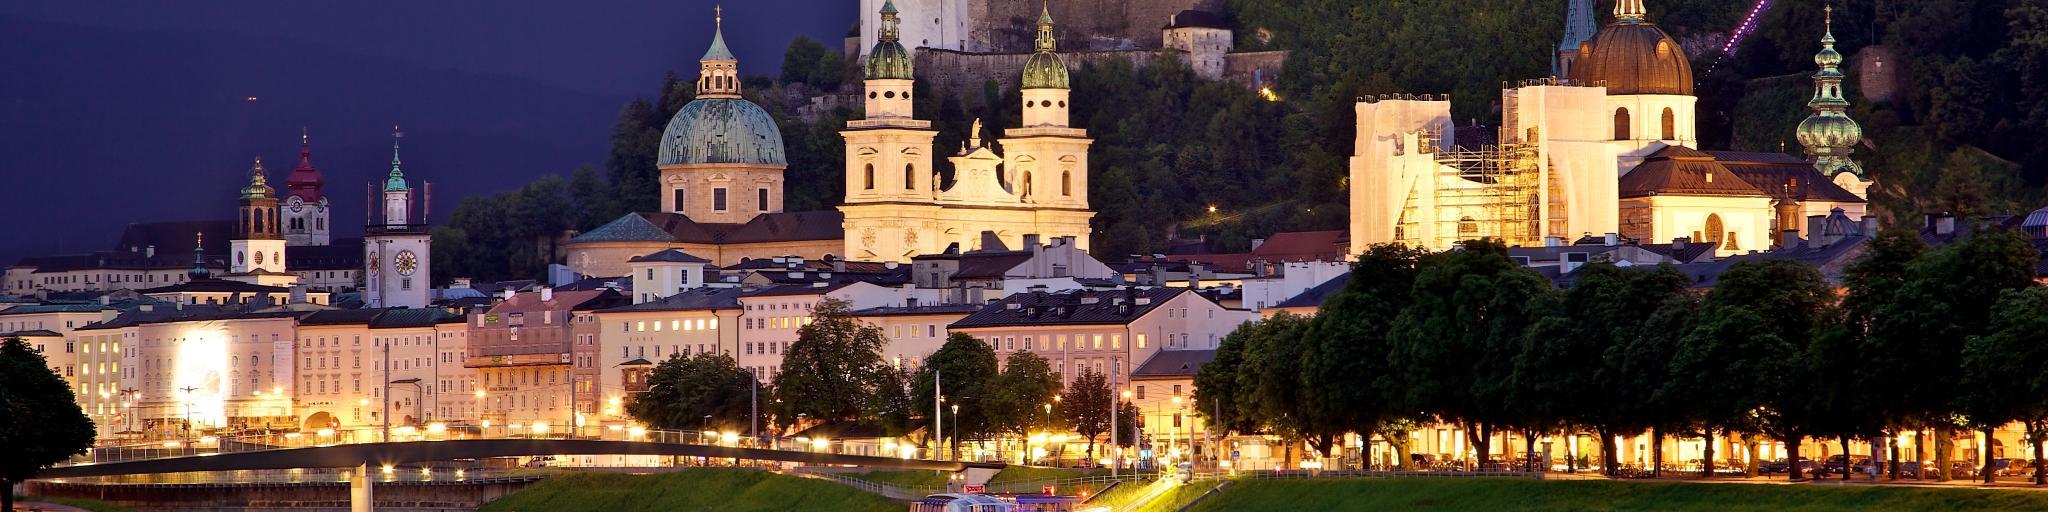 The Old Town in Salzburg, Austria